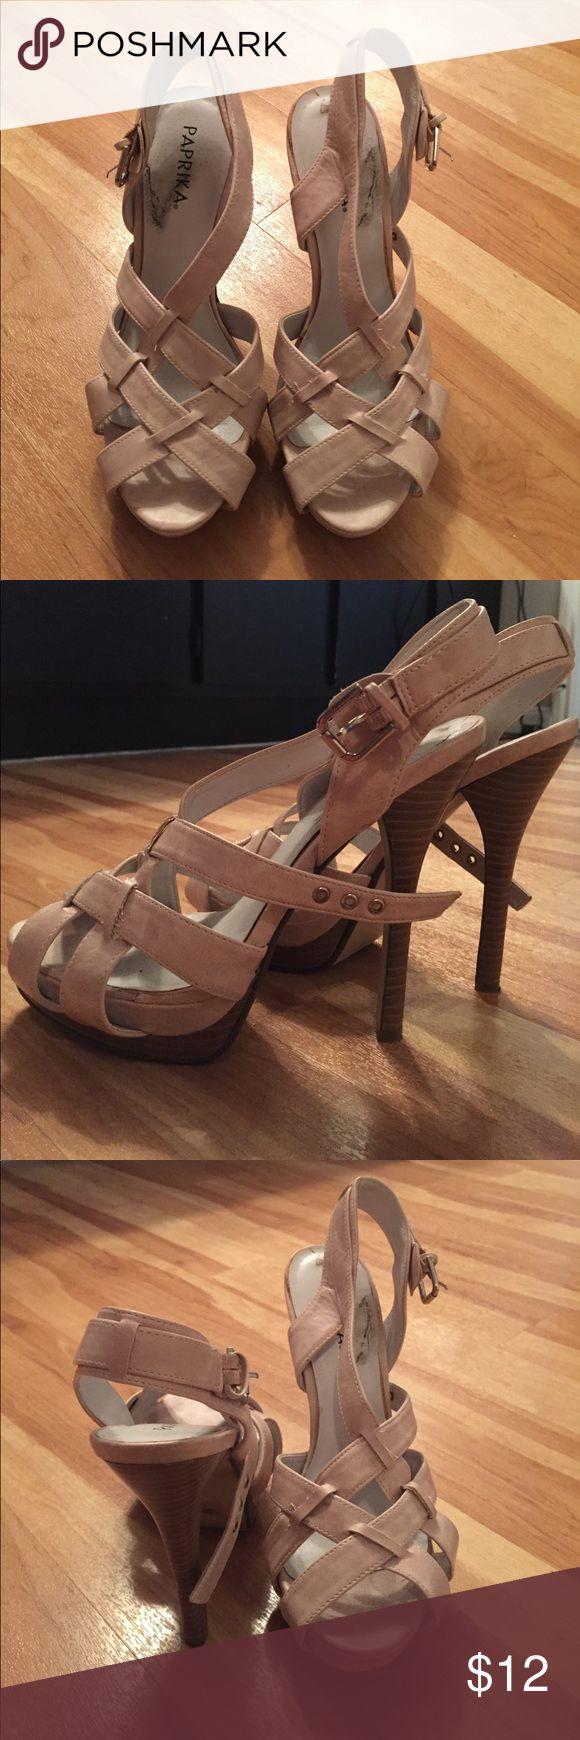 Beige heels Beige strappy heels with buckle Paprika Shoes Heels